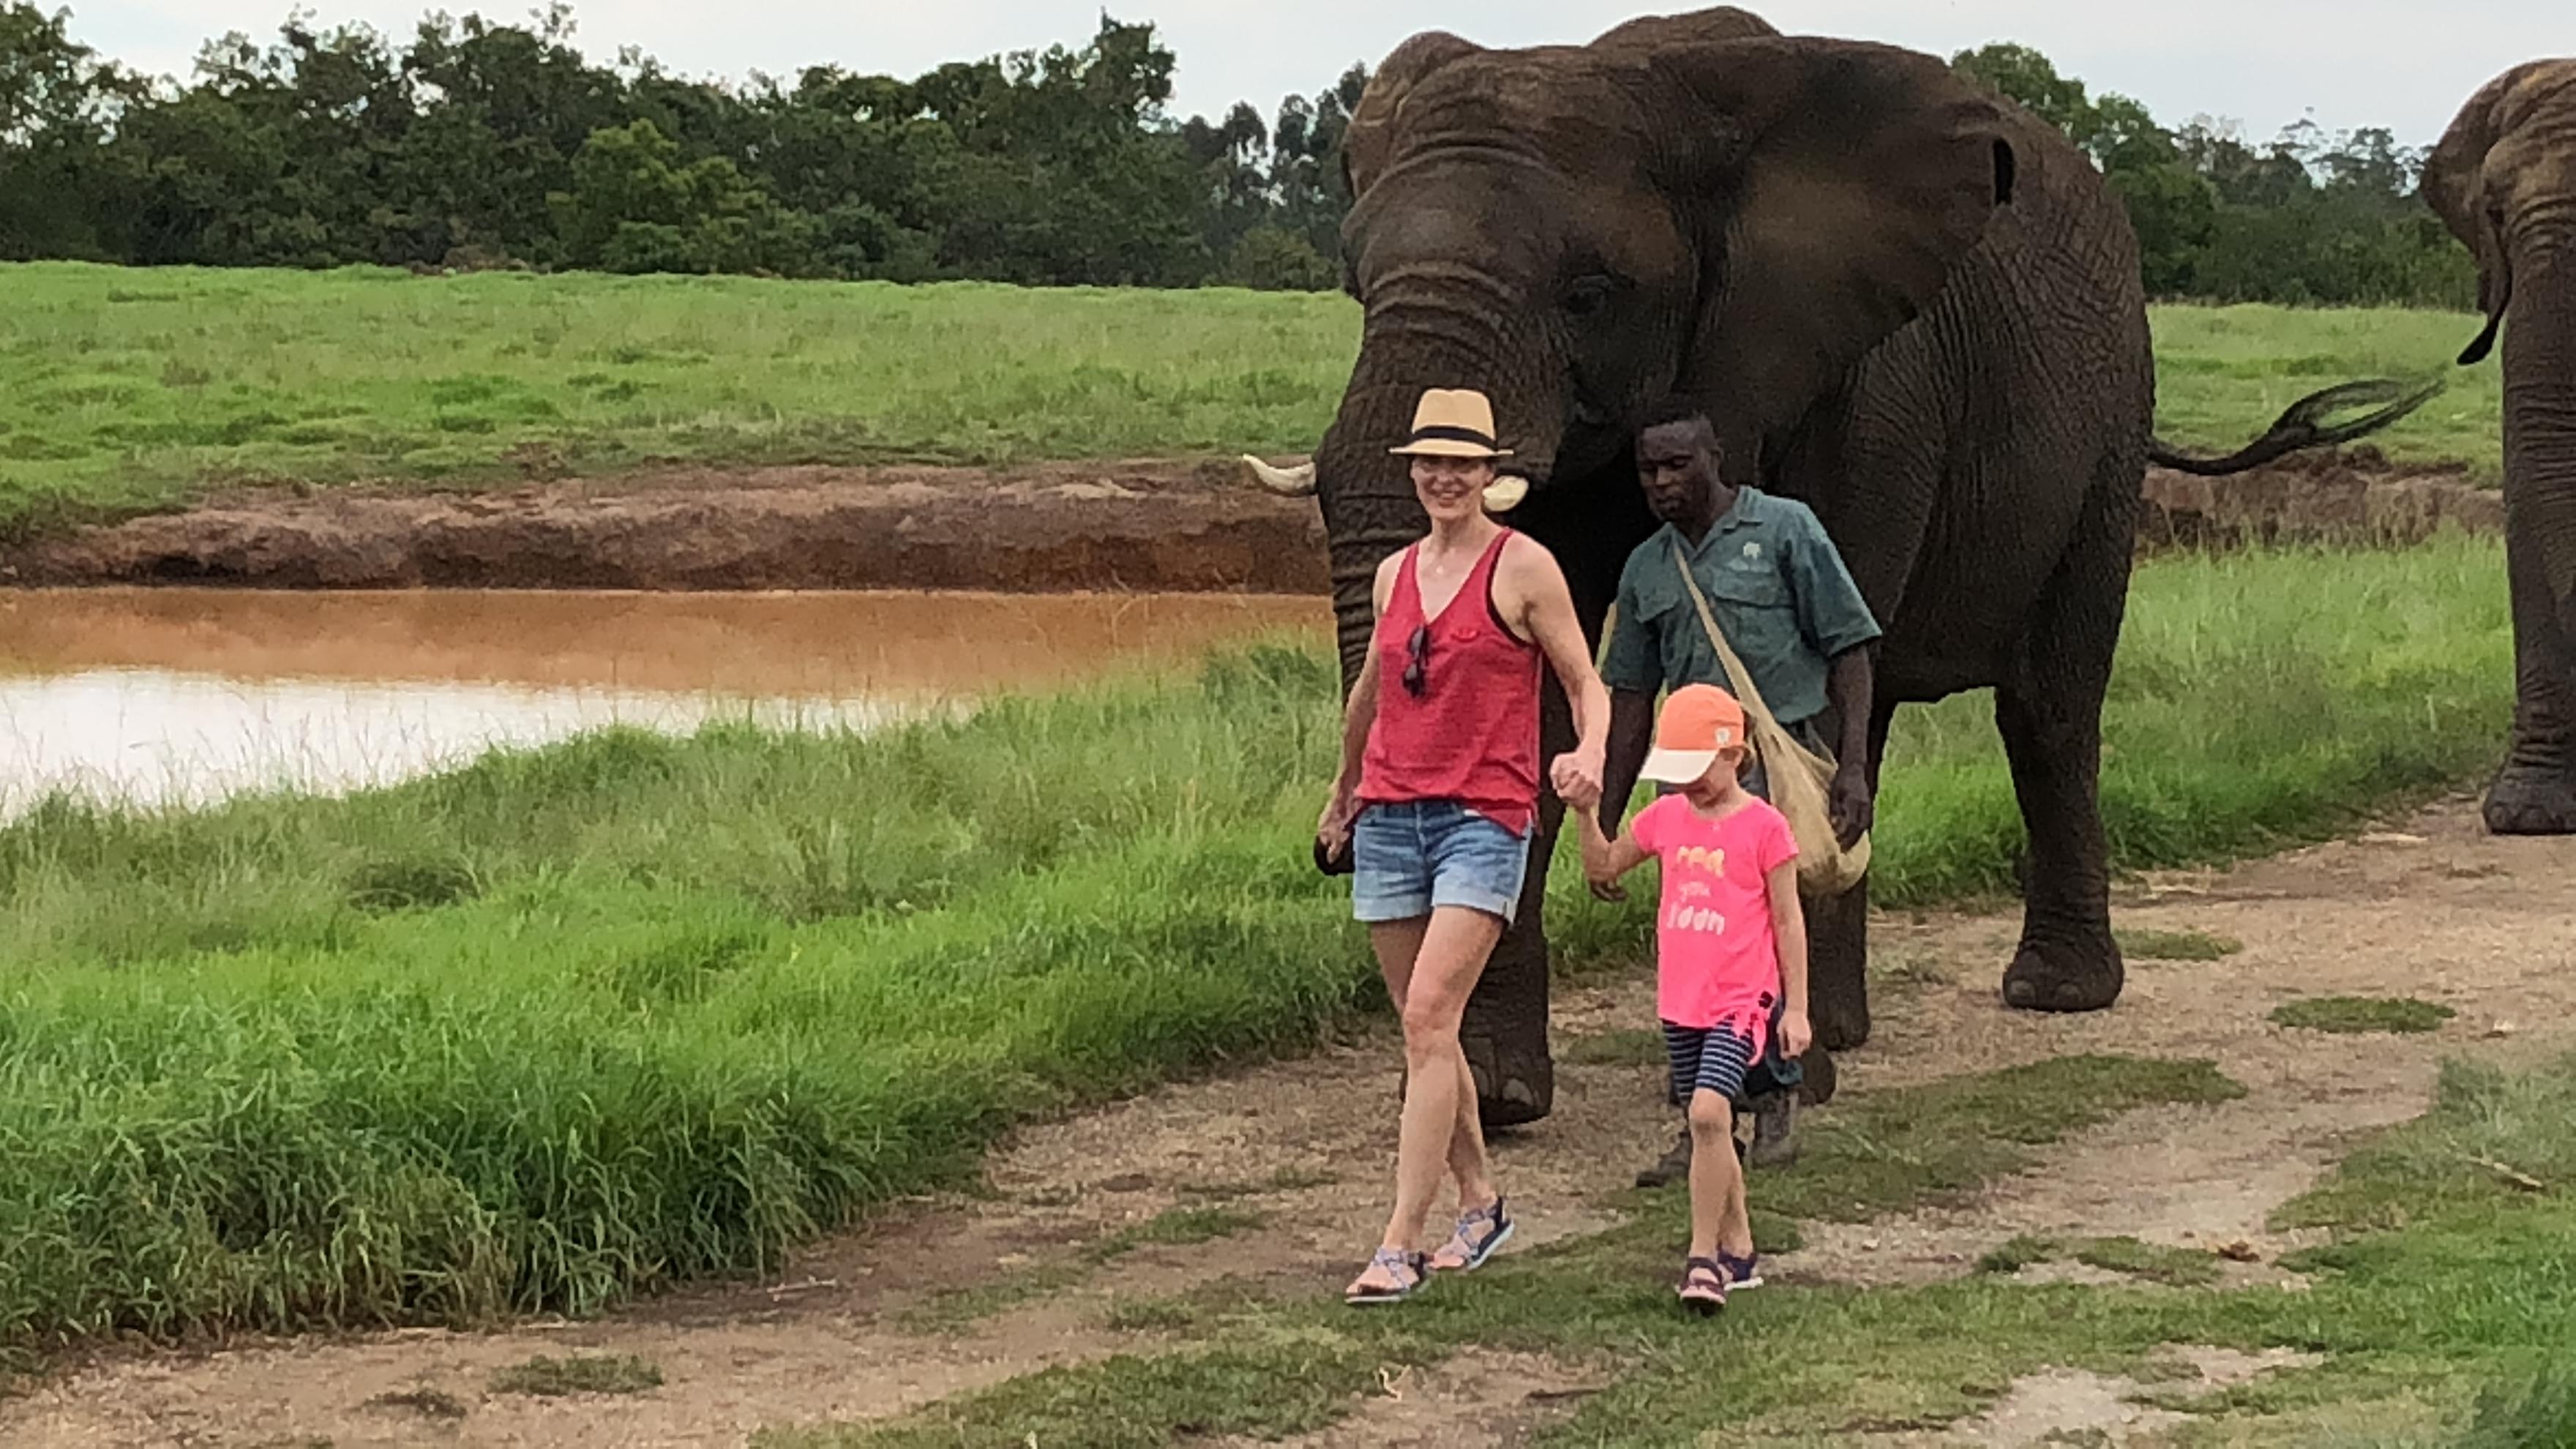 Spaziergang mit Elefanten im Elephant Sanctuary, Plettenberg, Südafrika